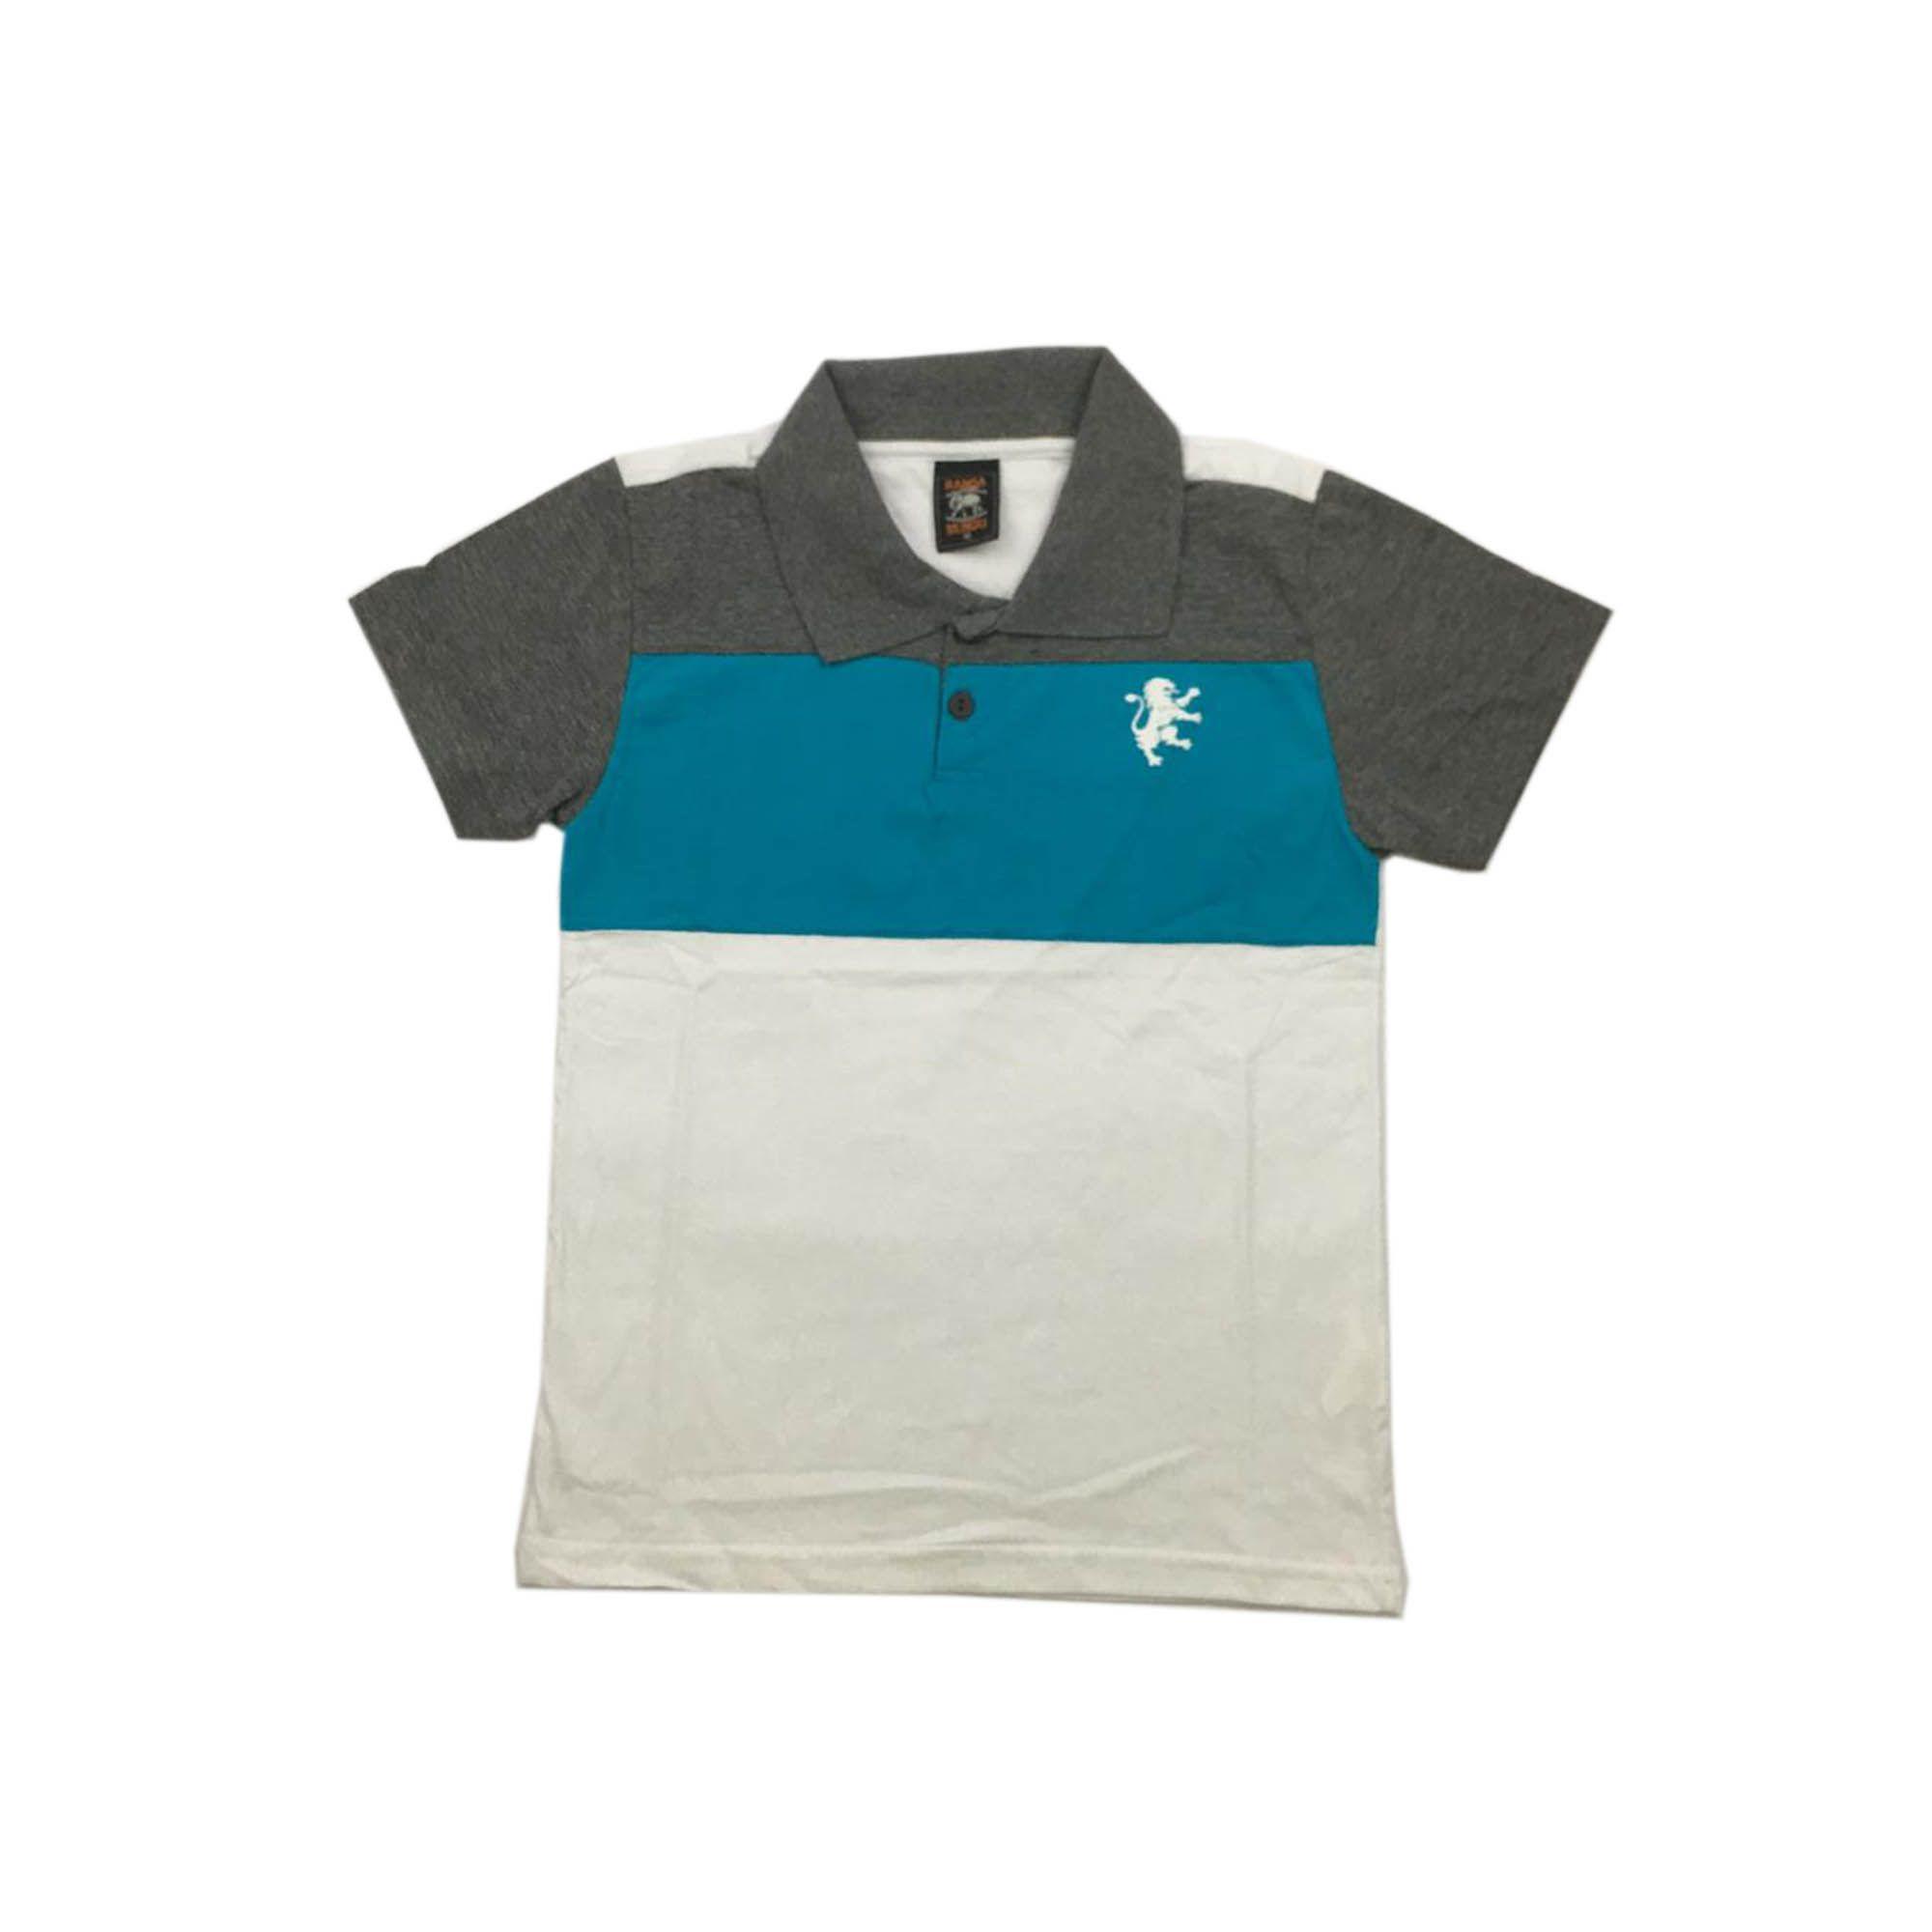 44f28874a2d8c pirilampo roupas infantis